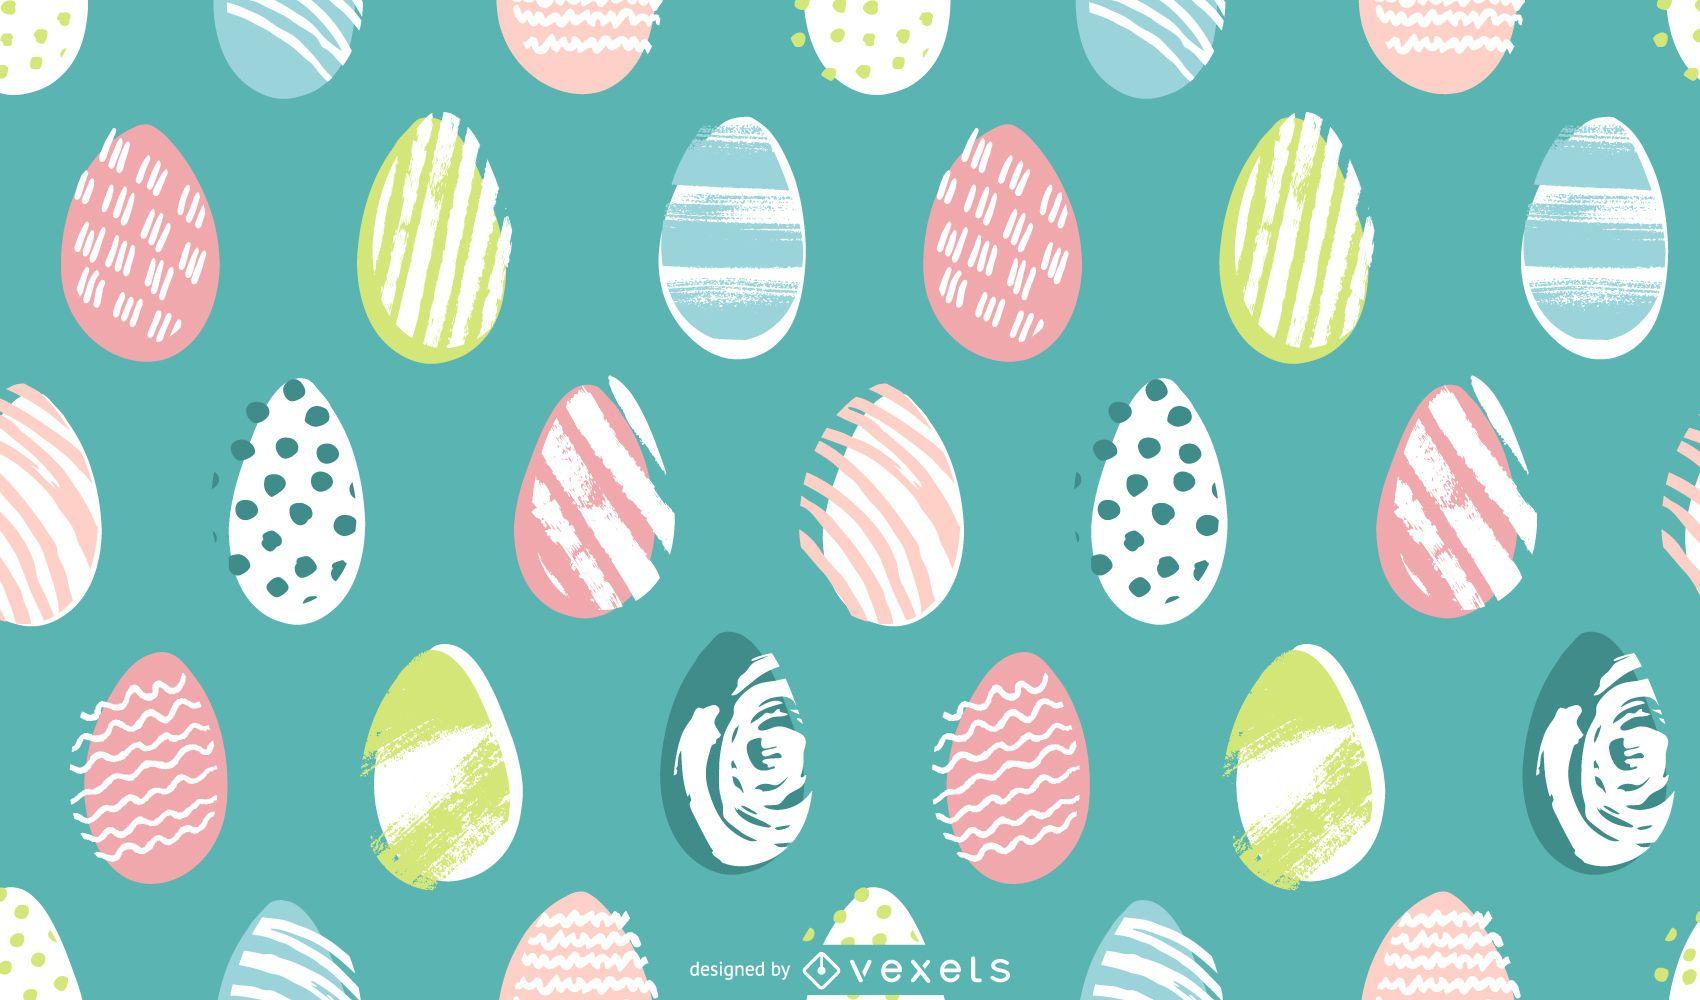 Diseño de patrón pastel de huevos de Pascua